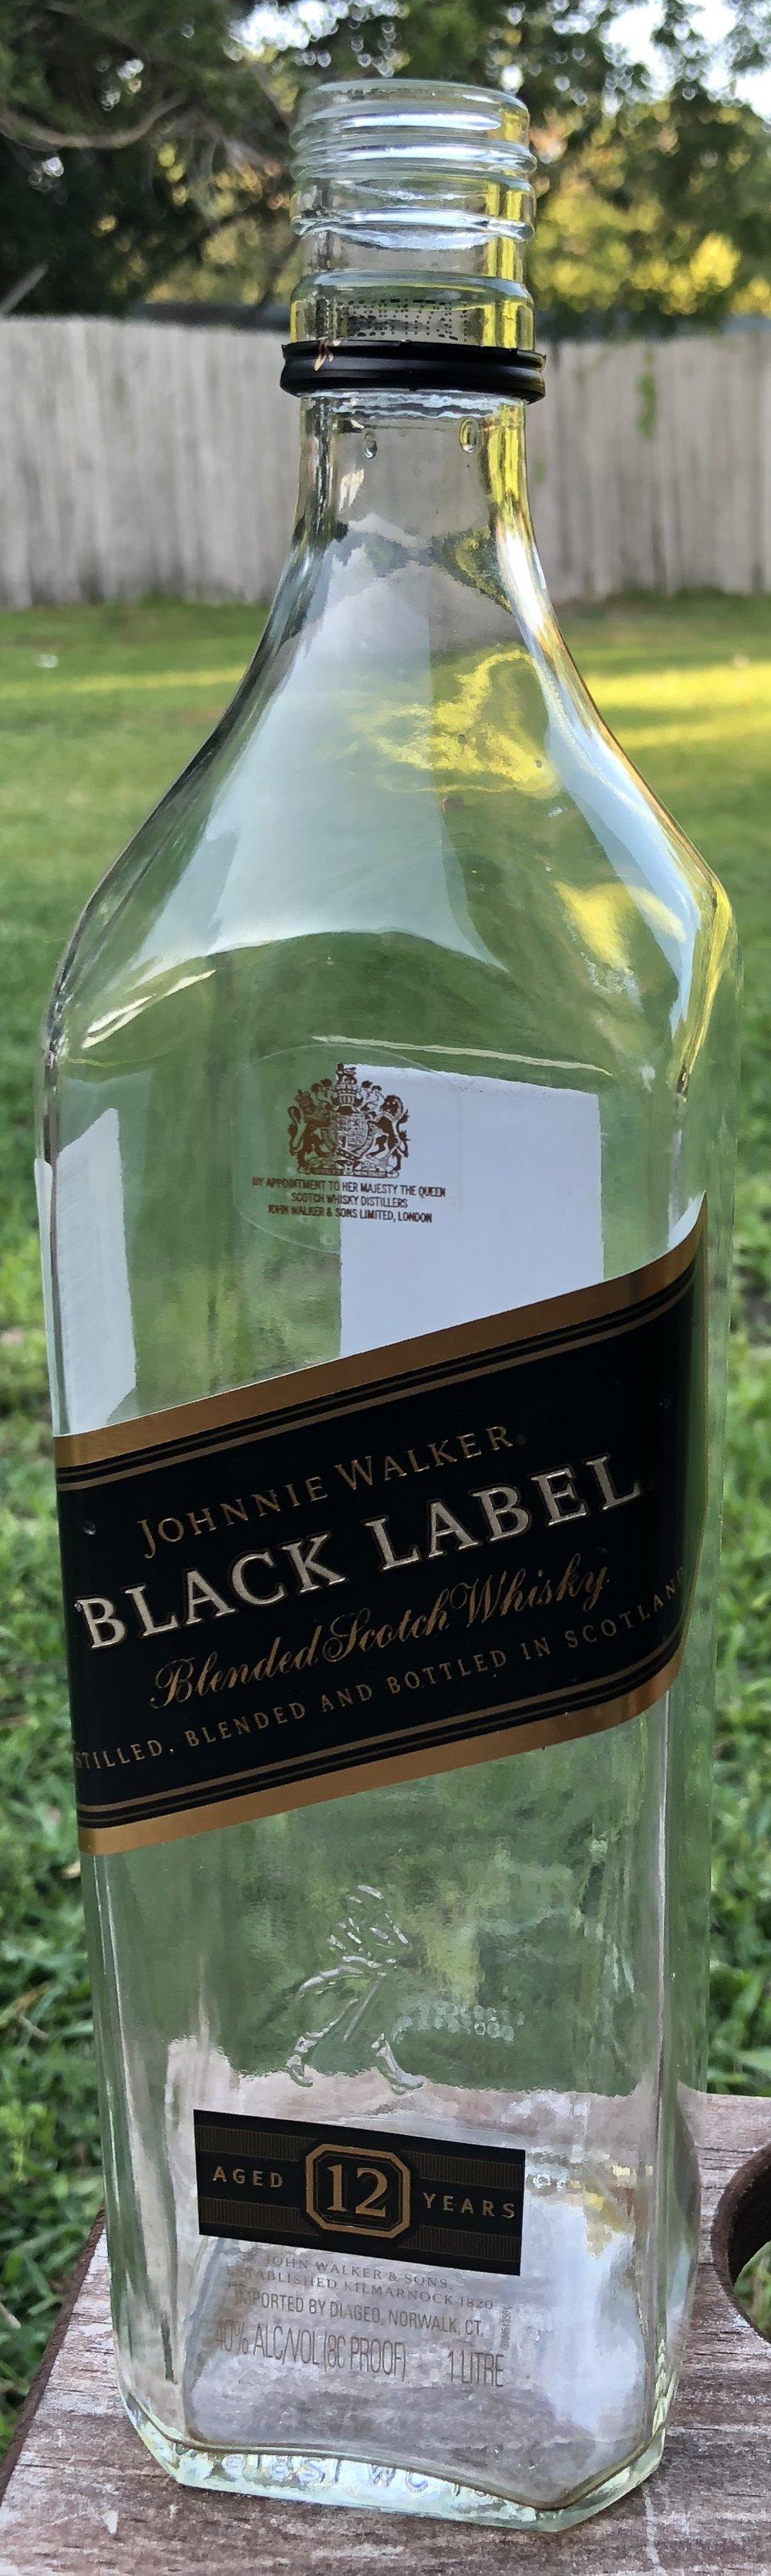 Johnie Walker Black Label.jpg